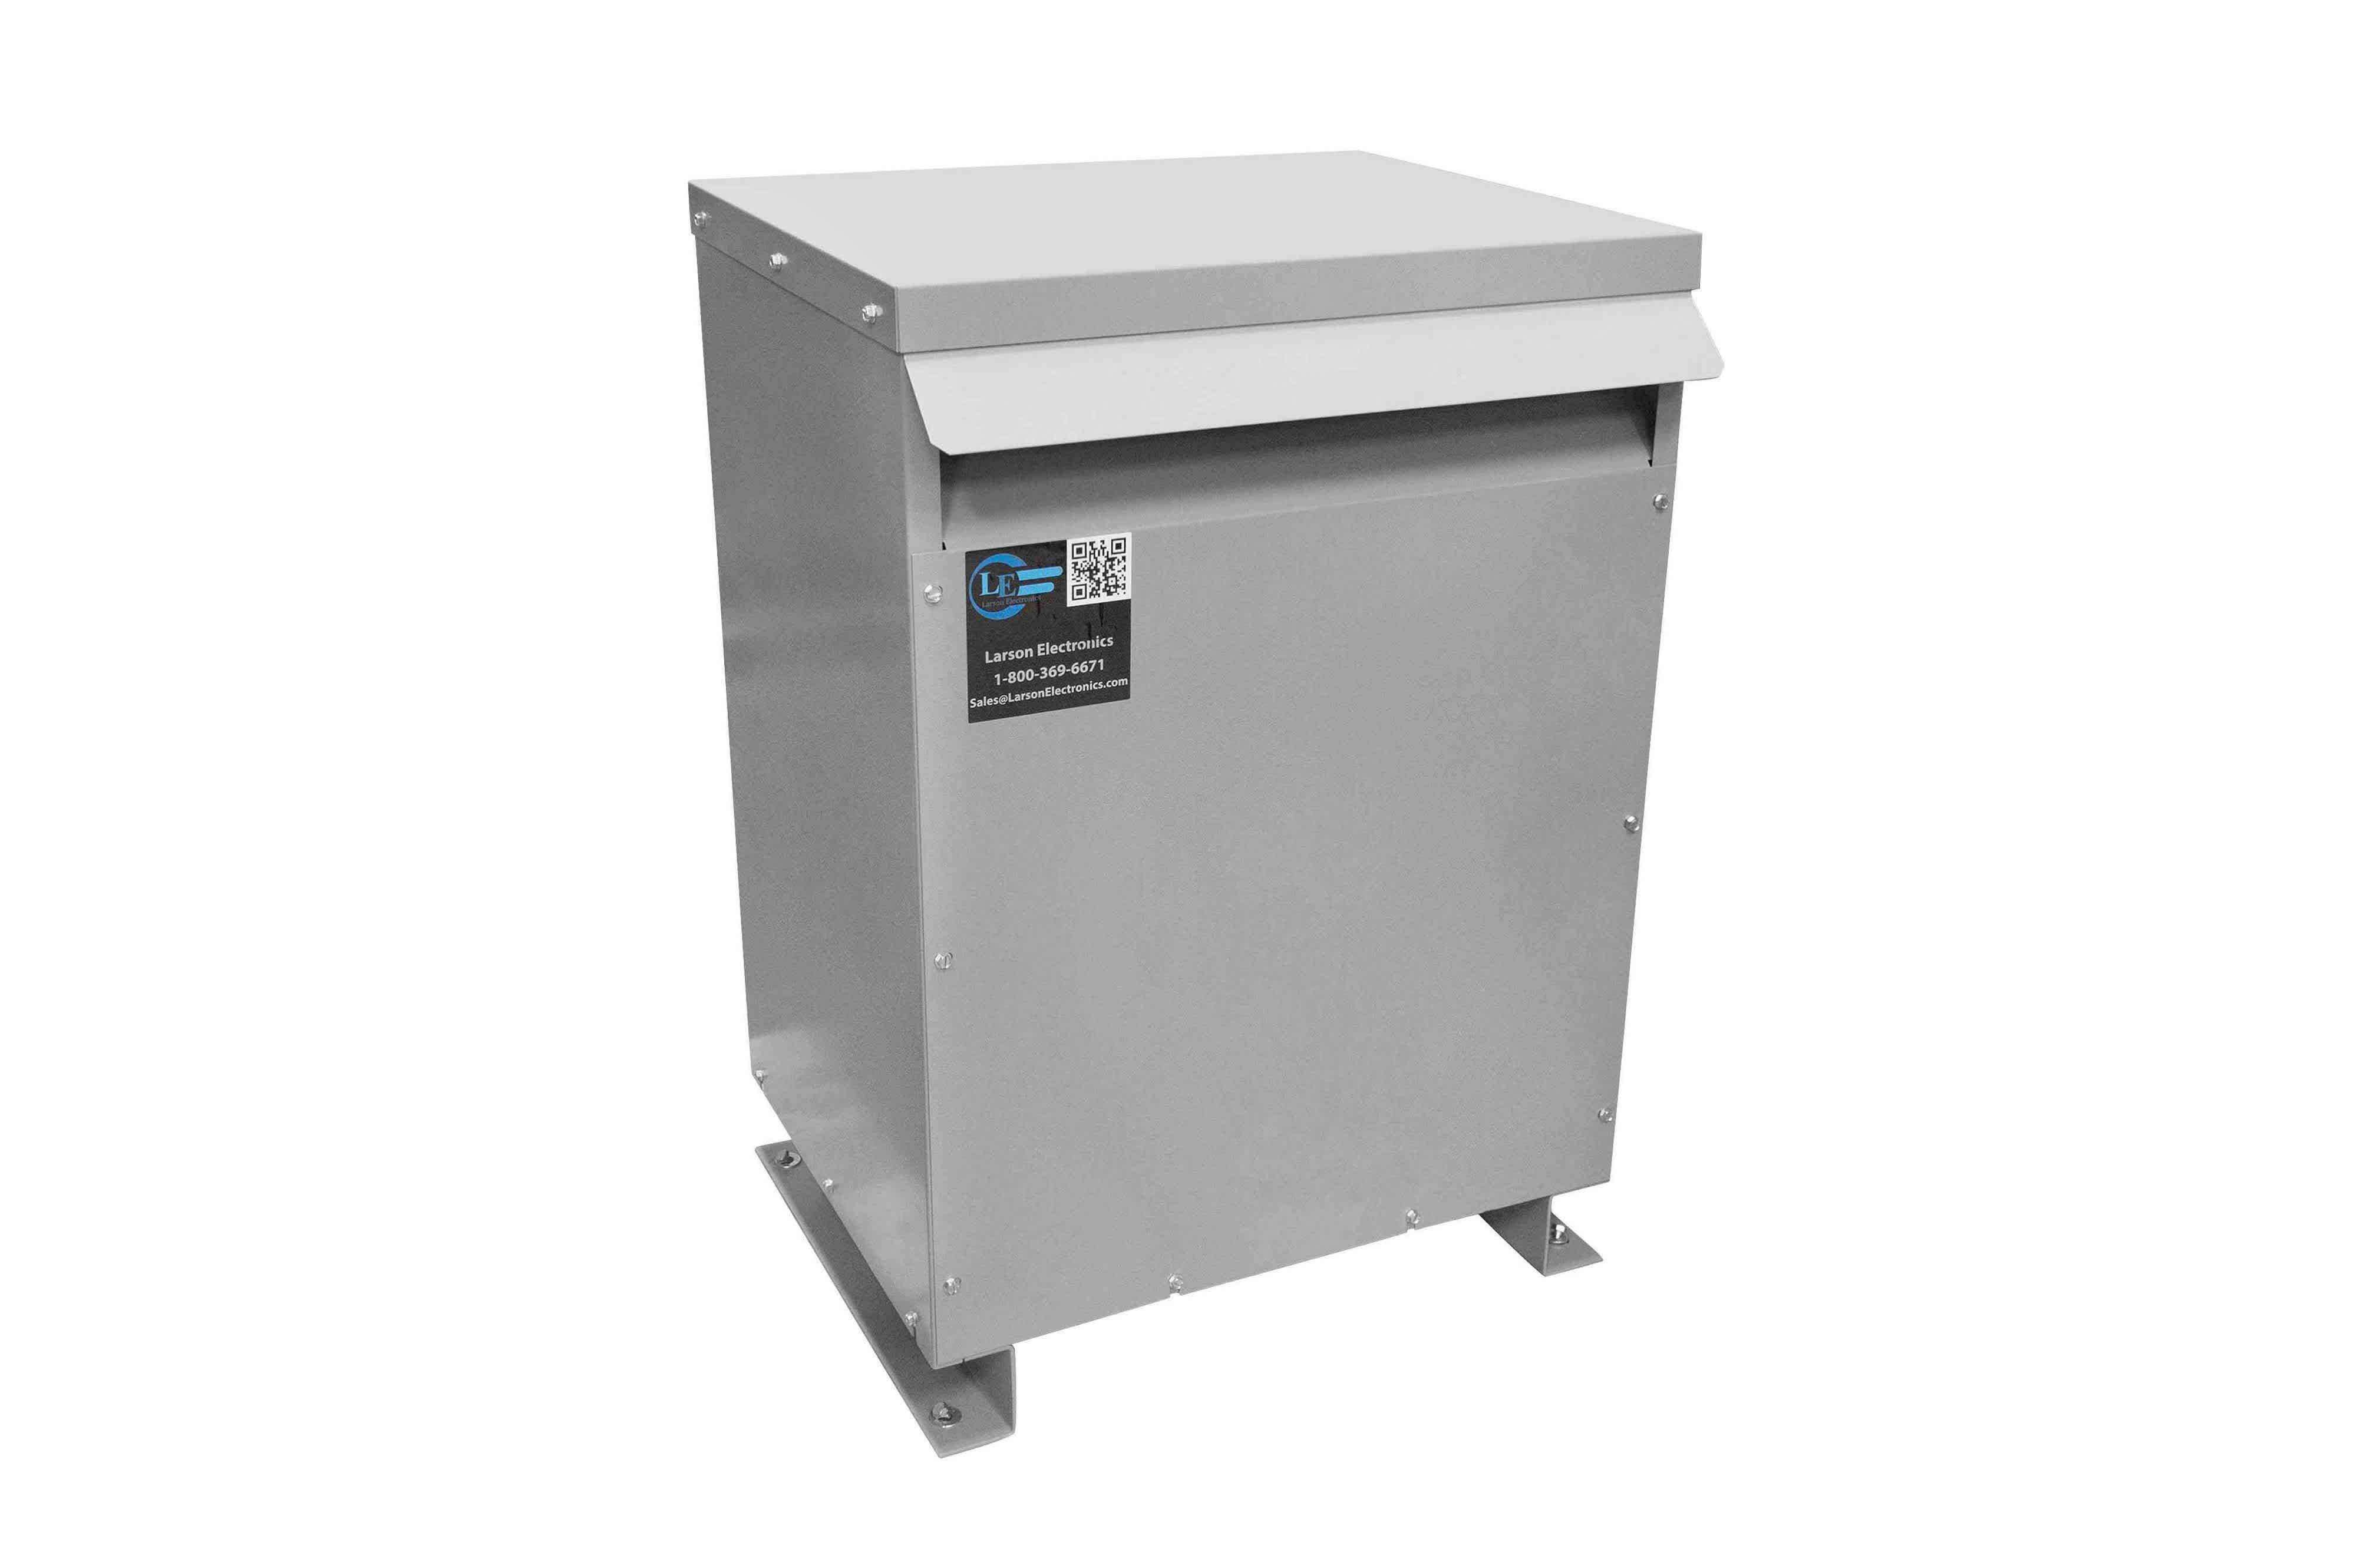 1000 kVA 3PH Isolation Transformer, 480V Delta Primary, 575V Delta Secondary, N3R, Ventilated, 60 Hz